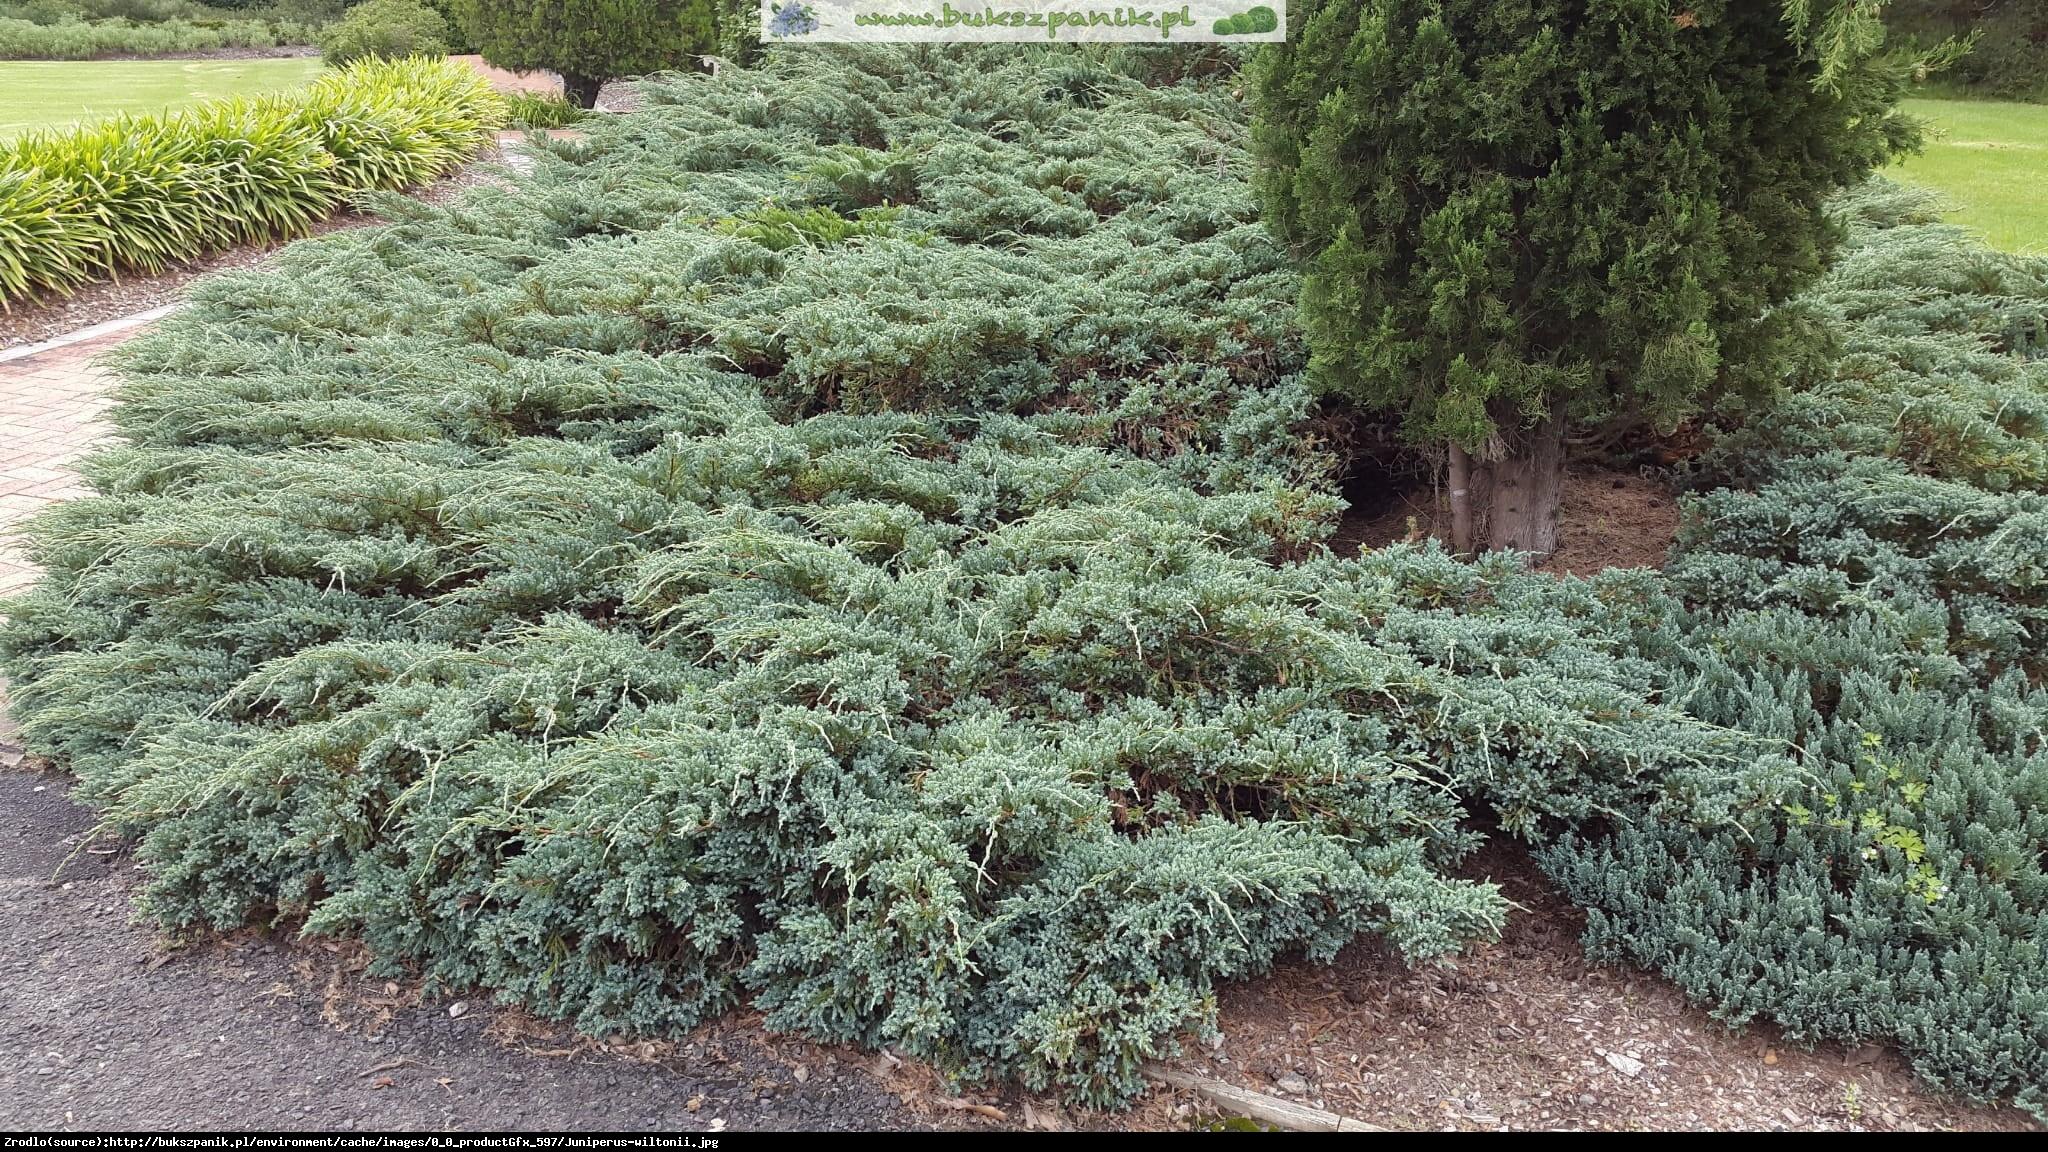 jałowiec płożący  Wiltonii  - Juniperus horizontalis  Wiltonii